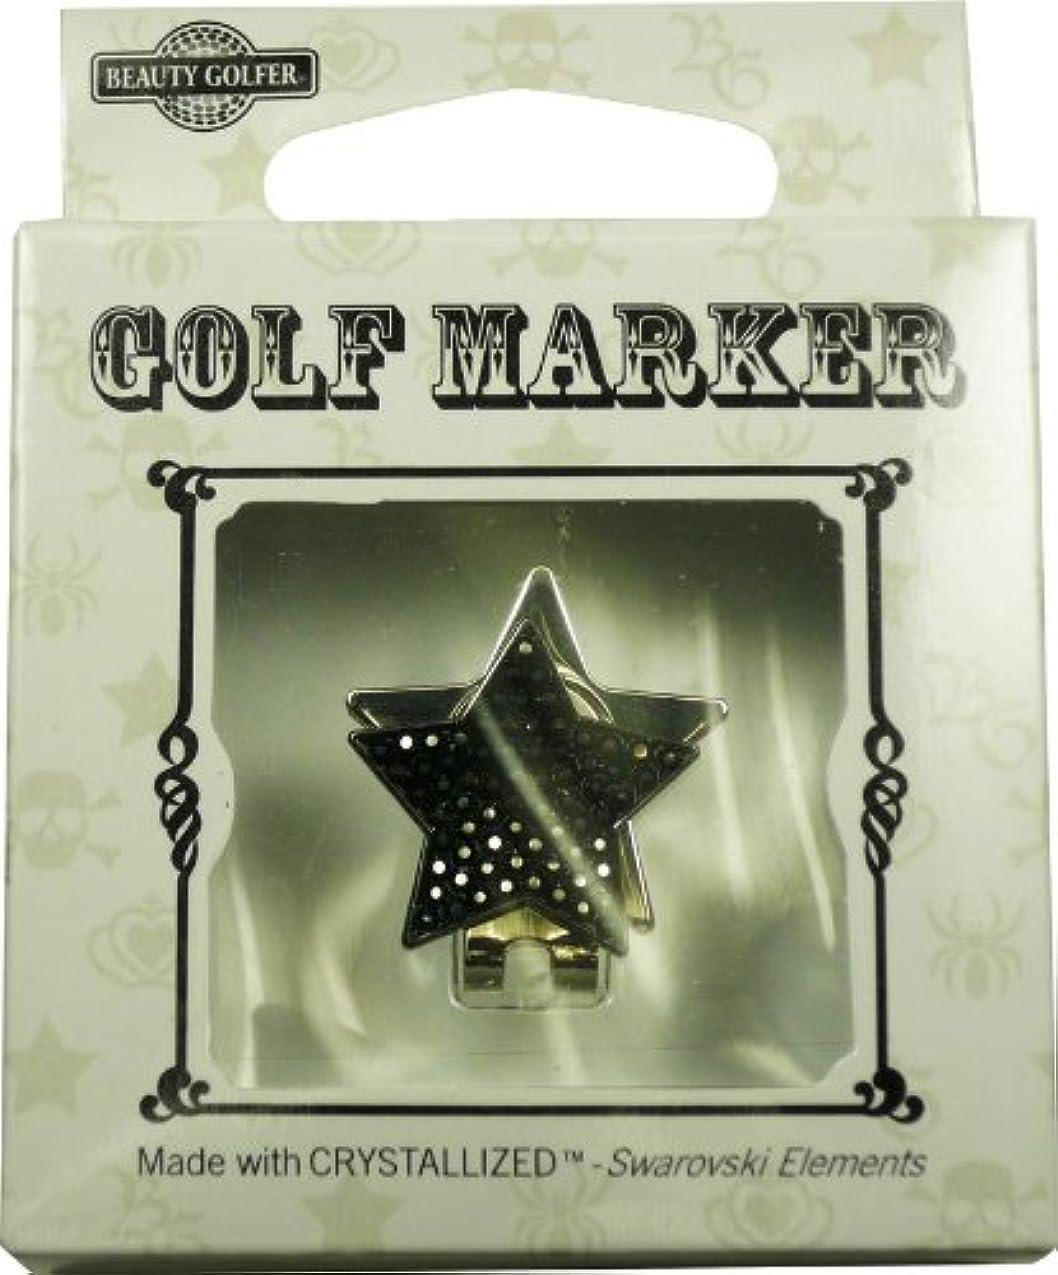 環境に優しい再撮りつぼみBEAUTY GOLFER スワロフスキー付ゴルフマーカー Golf Marker with Swarovski BG-5